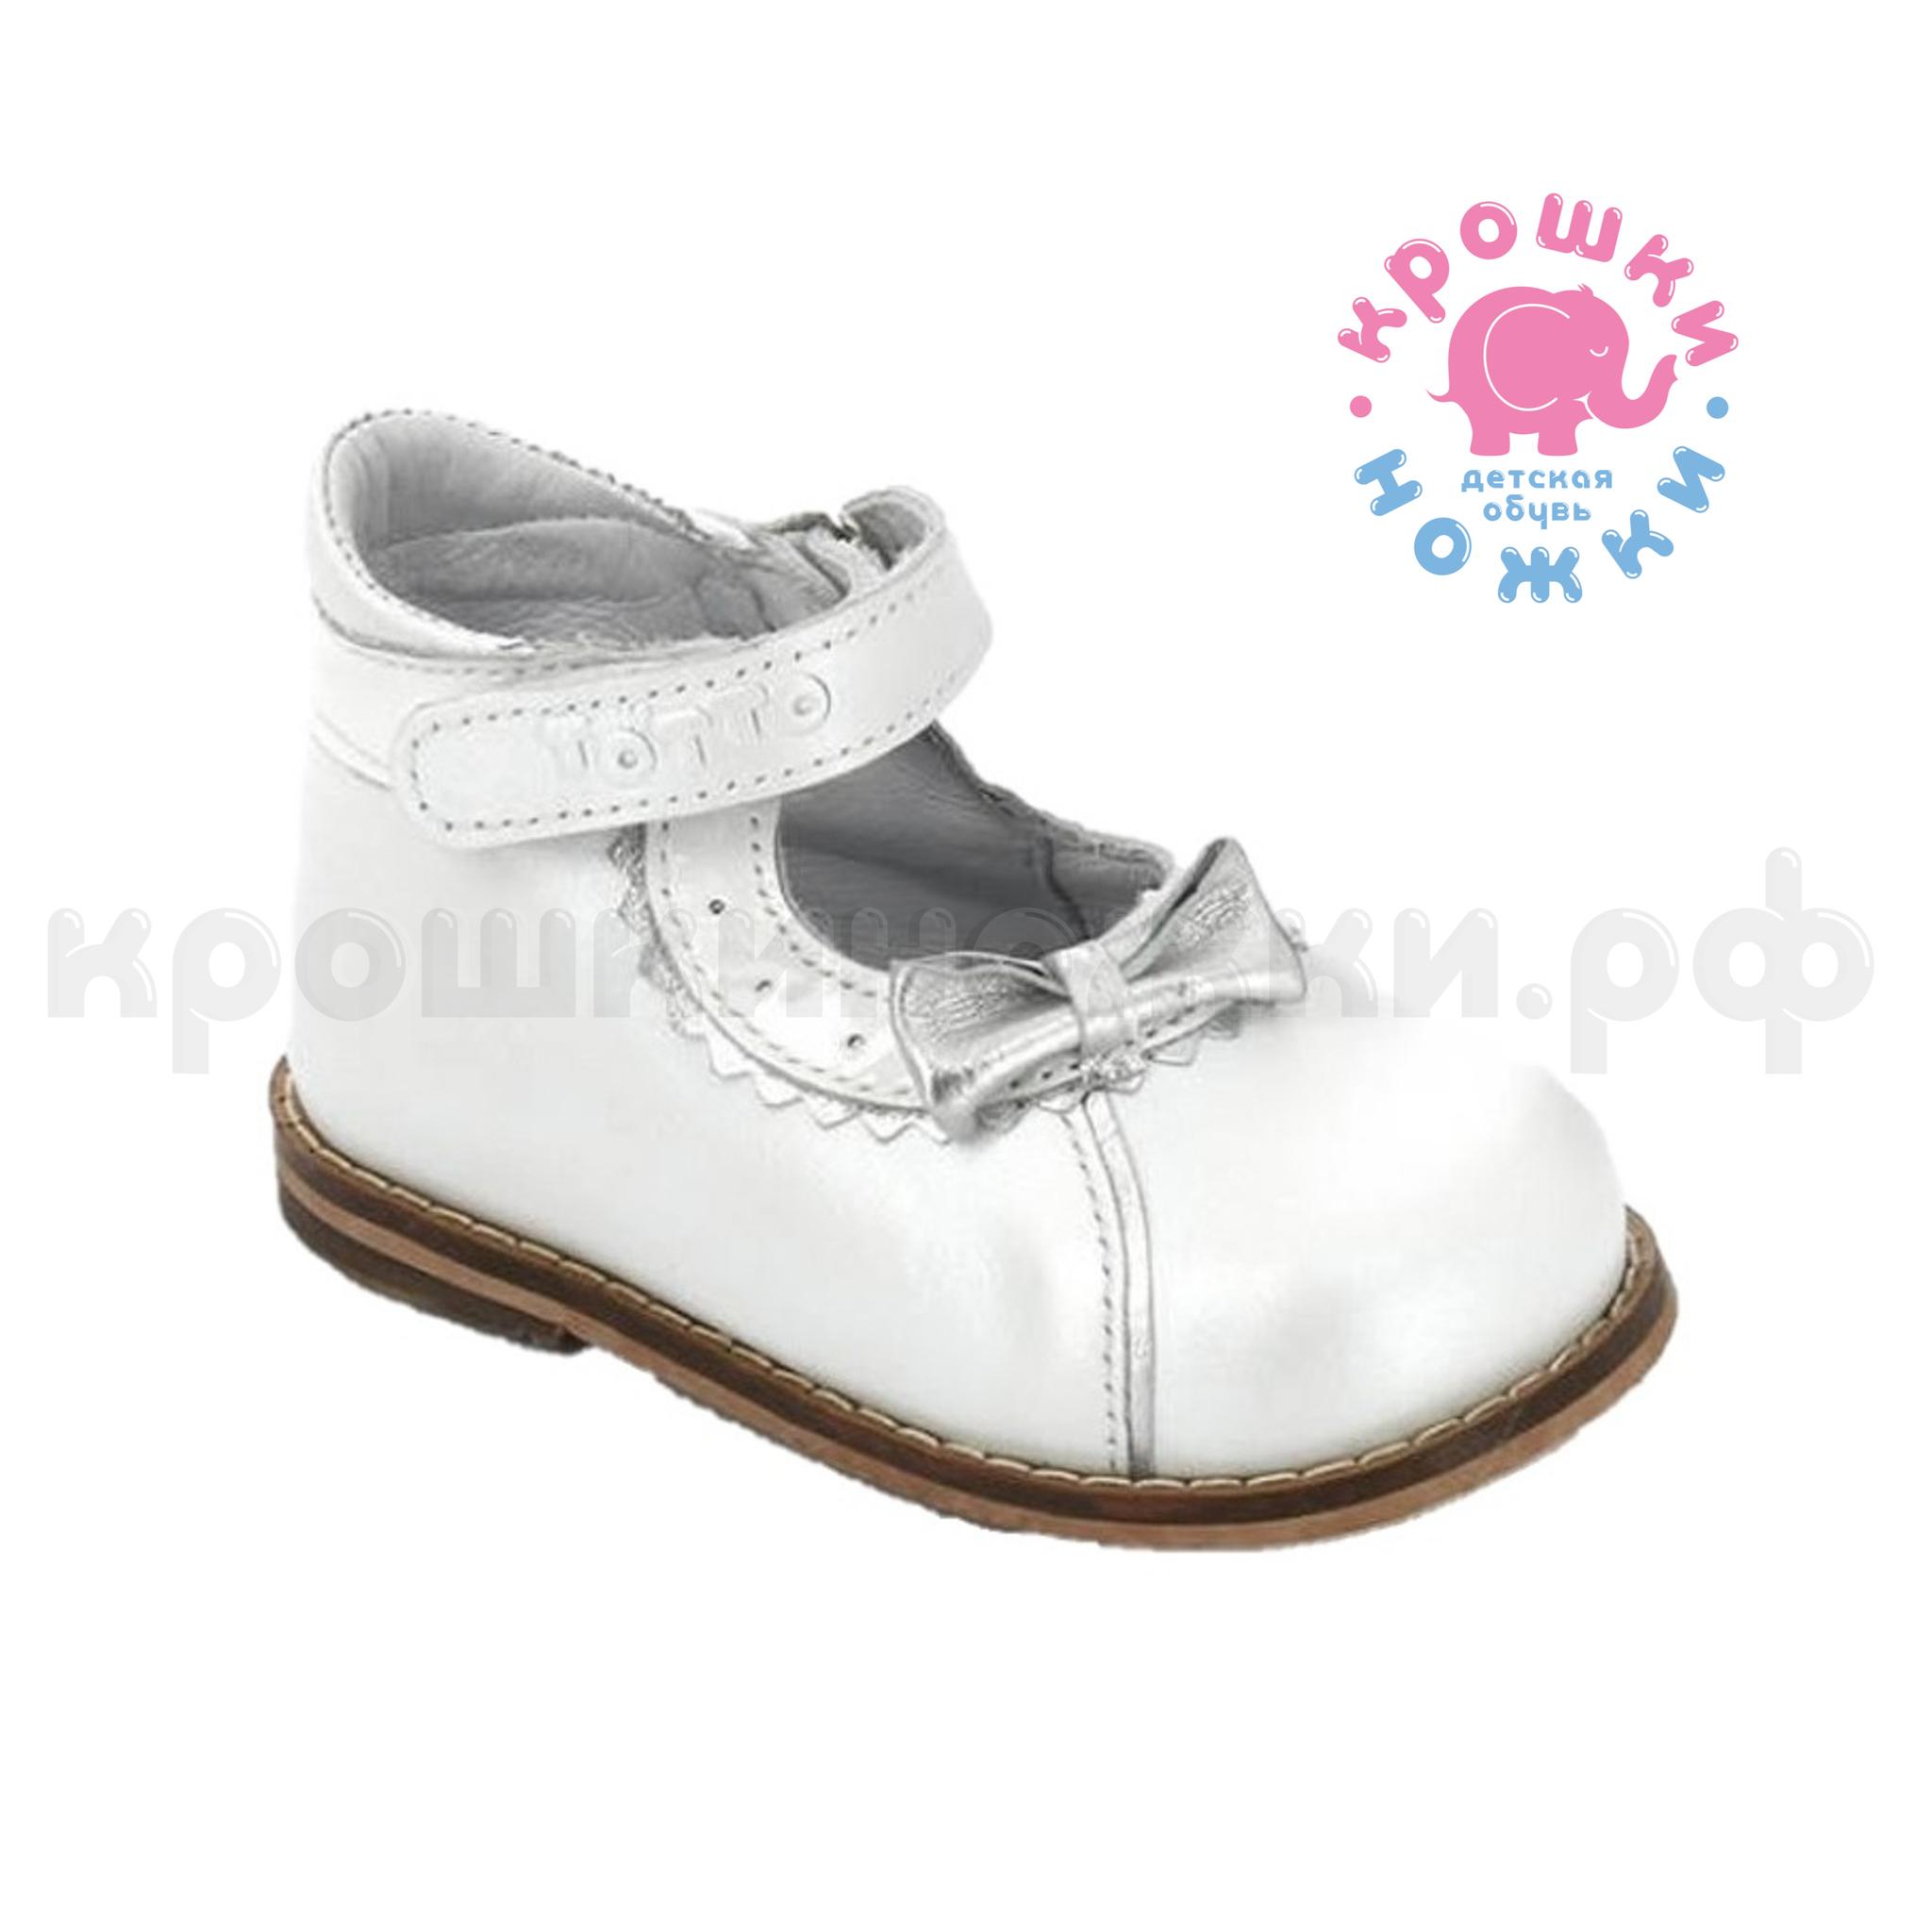 d179b8760 Туфли, закрытые, белые, серия Первые Шаги, Тотто